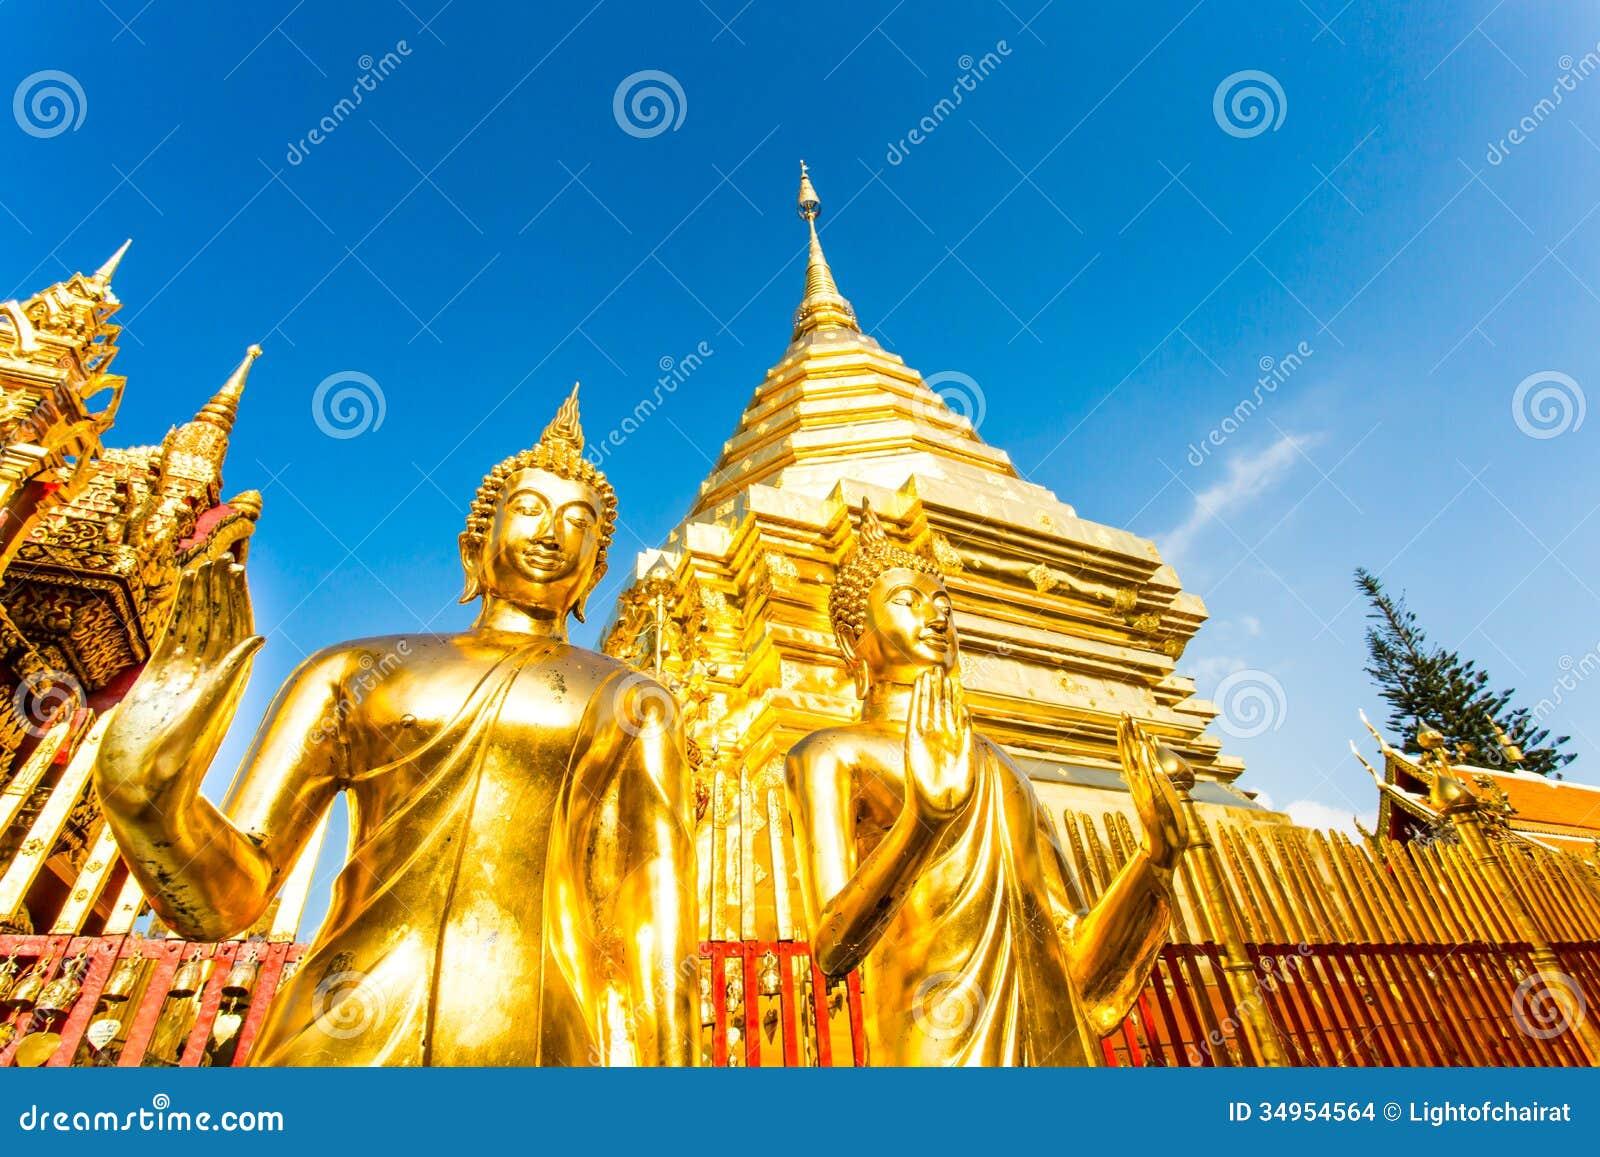 Golden Pagoda And Buddha Wat Phra That Doi Suthep ...